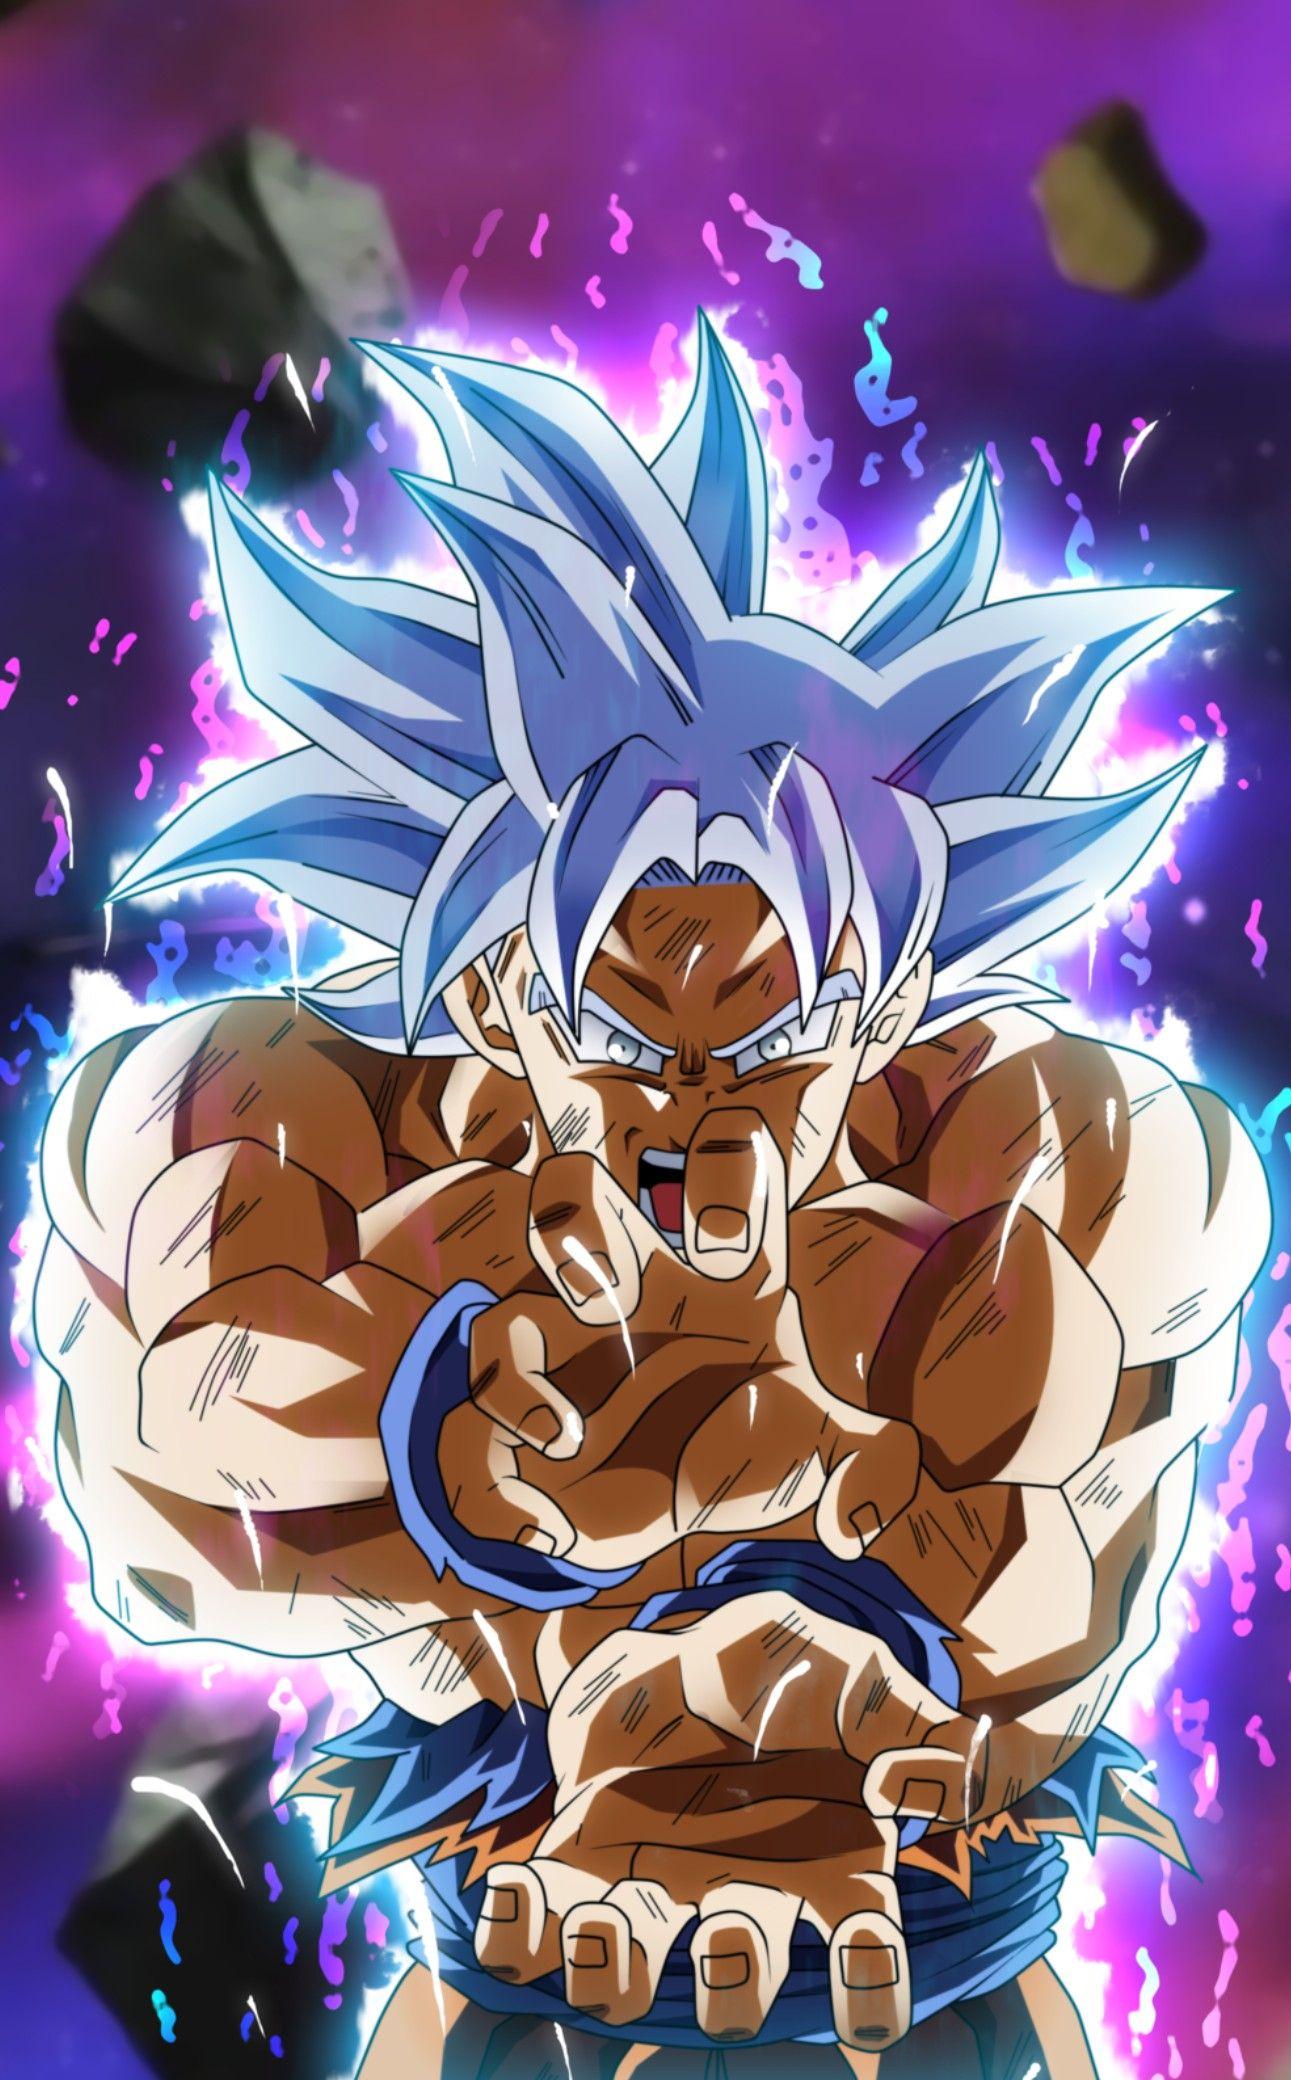 Goku Ultra Instinct Dragon Ball Super Fondo De Pantalla De Anime Dragones Pantalla De Goku